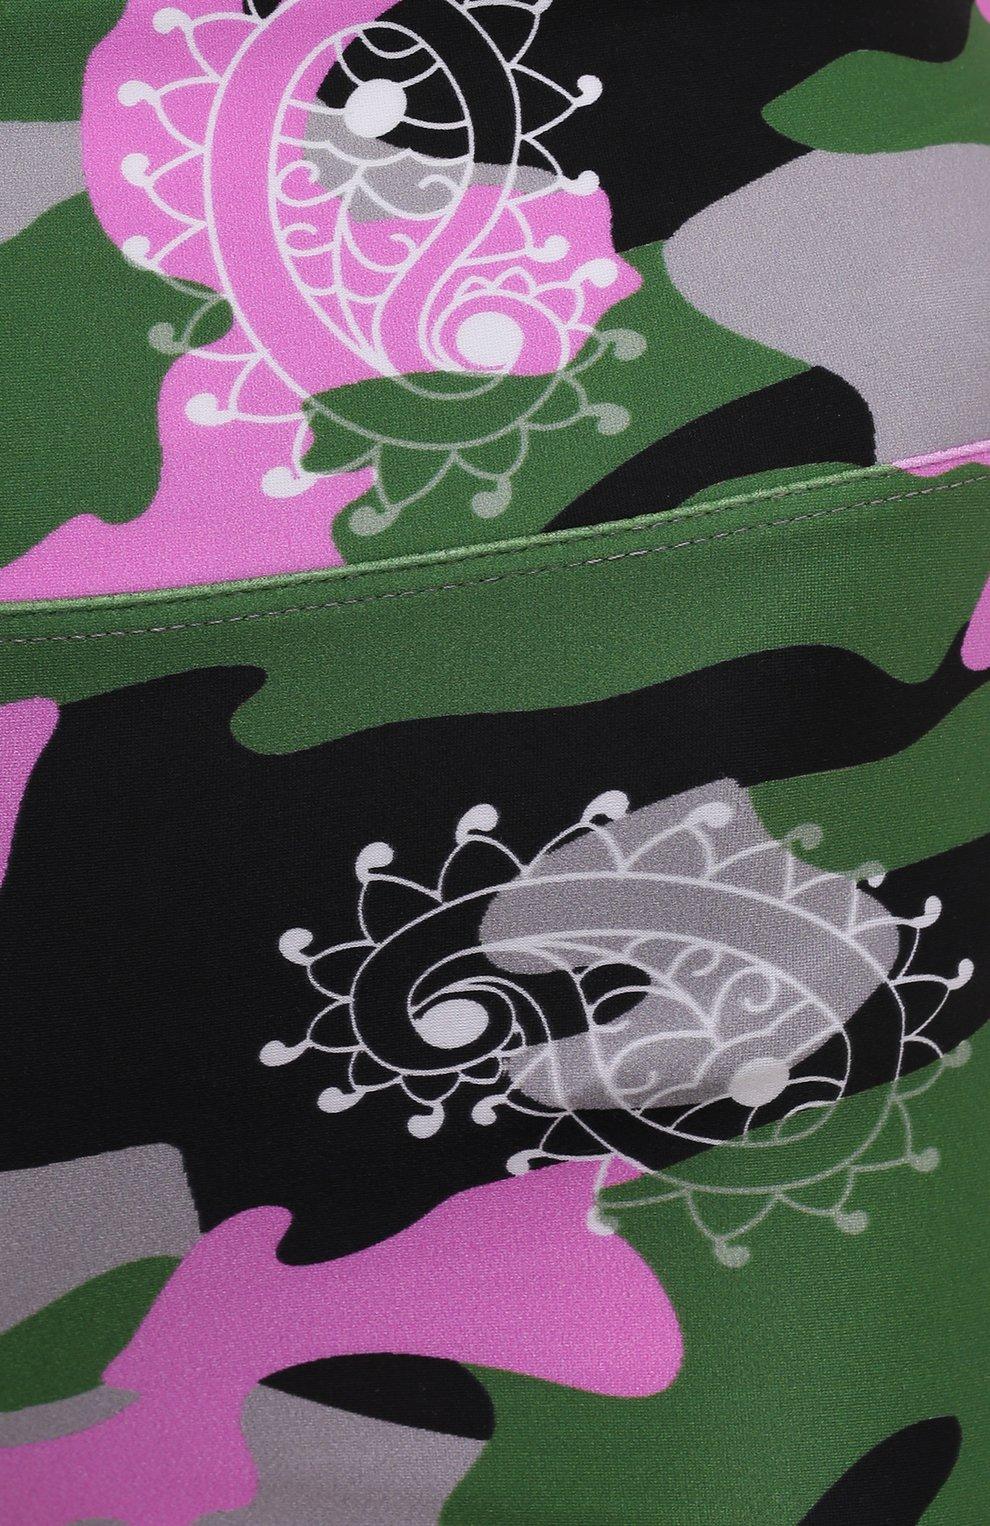 Женские шорты KORAL разноцветного цвета, арт. A2531HQ05   Фото 5 (Женское Кросс-КТ: Шорты-одежда, Шорты-спорт; Длина Ж (юбки, платья, шорты): Мини; Материал внешний: Синтетический материал; Стили: Спорт-шик)